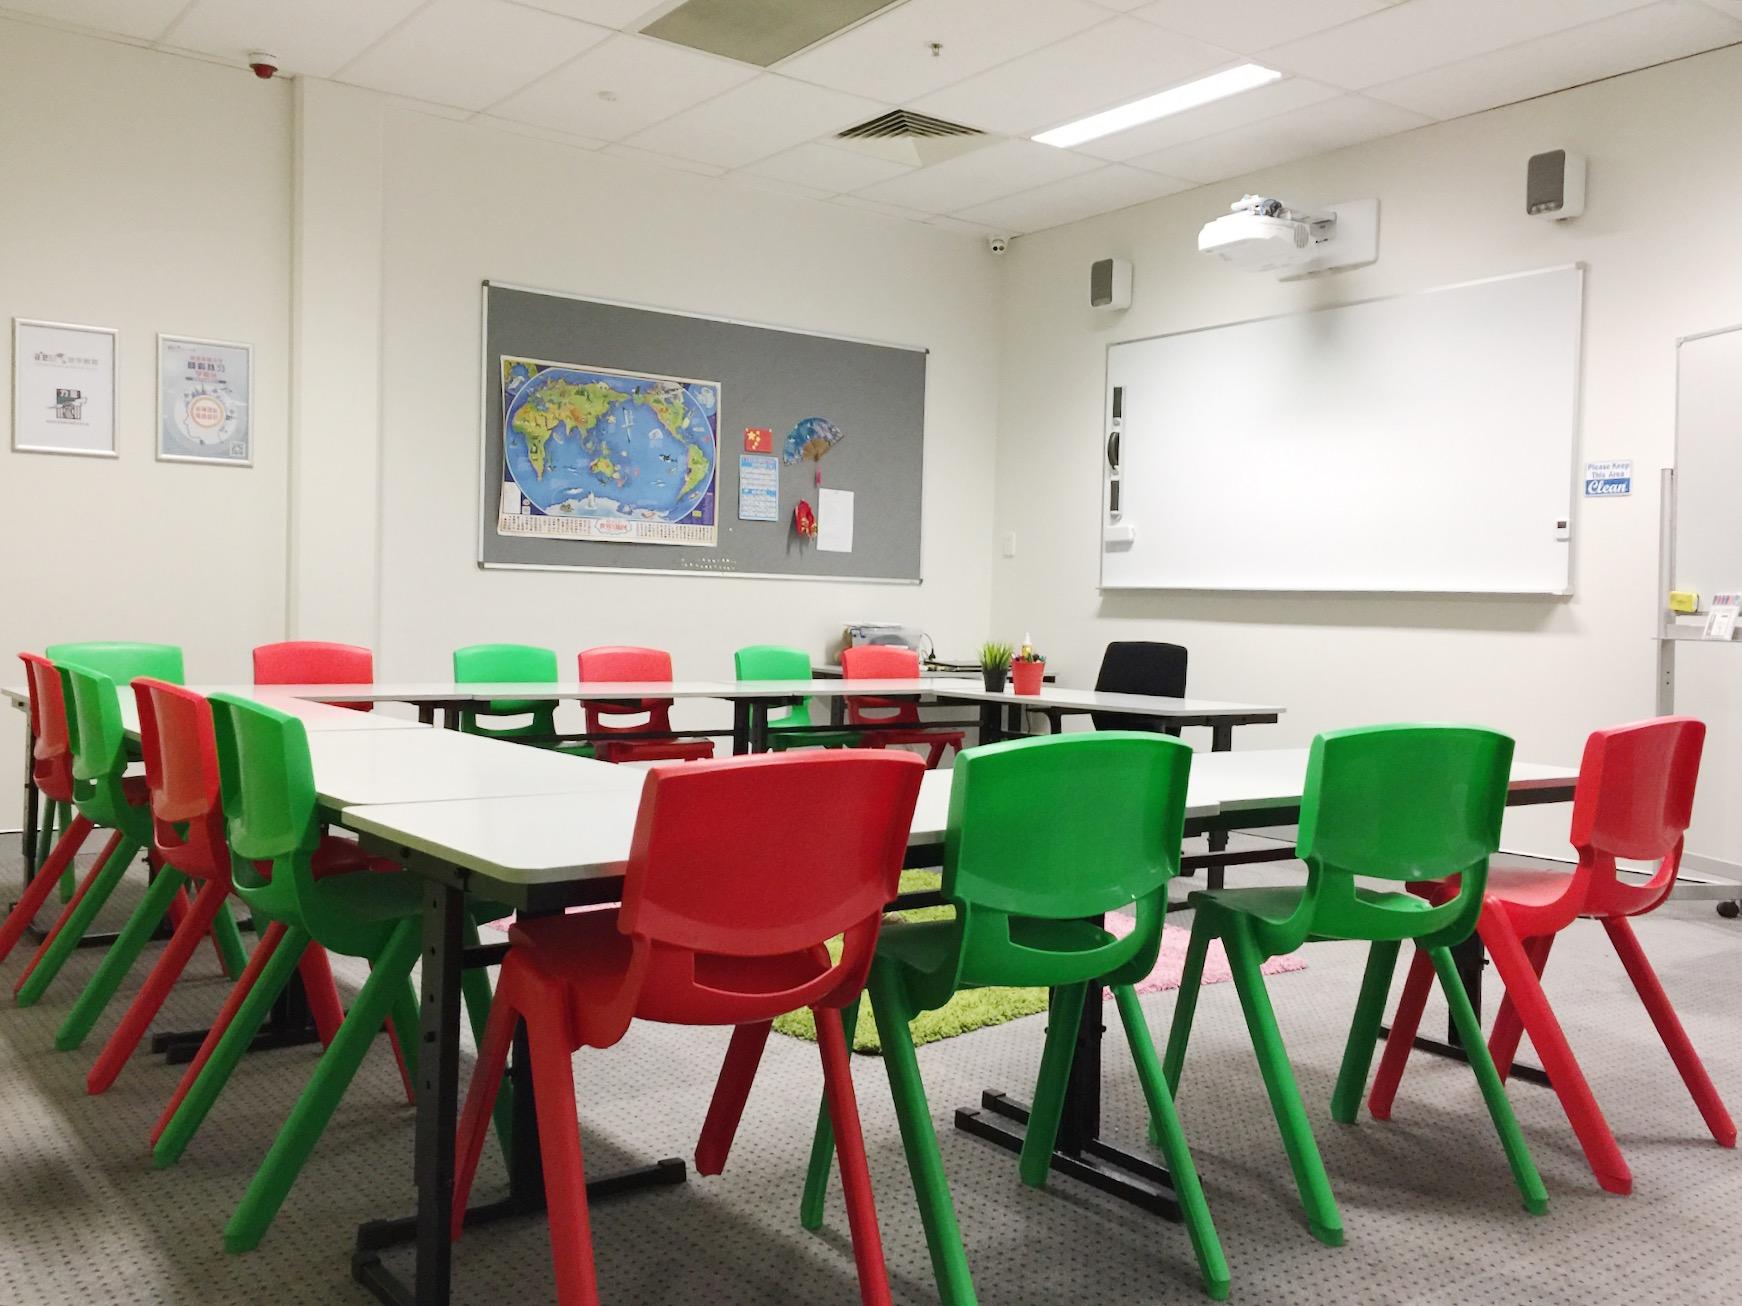 aies-class-room-1.jpg